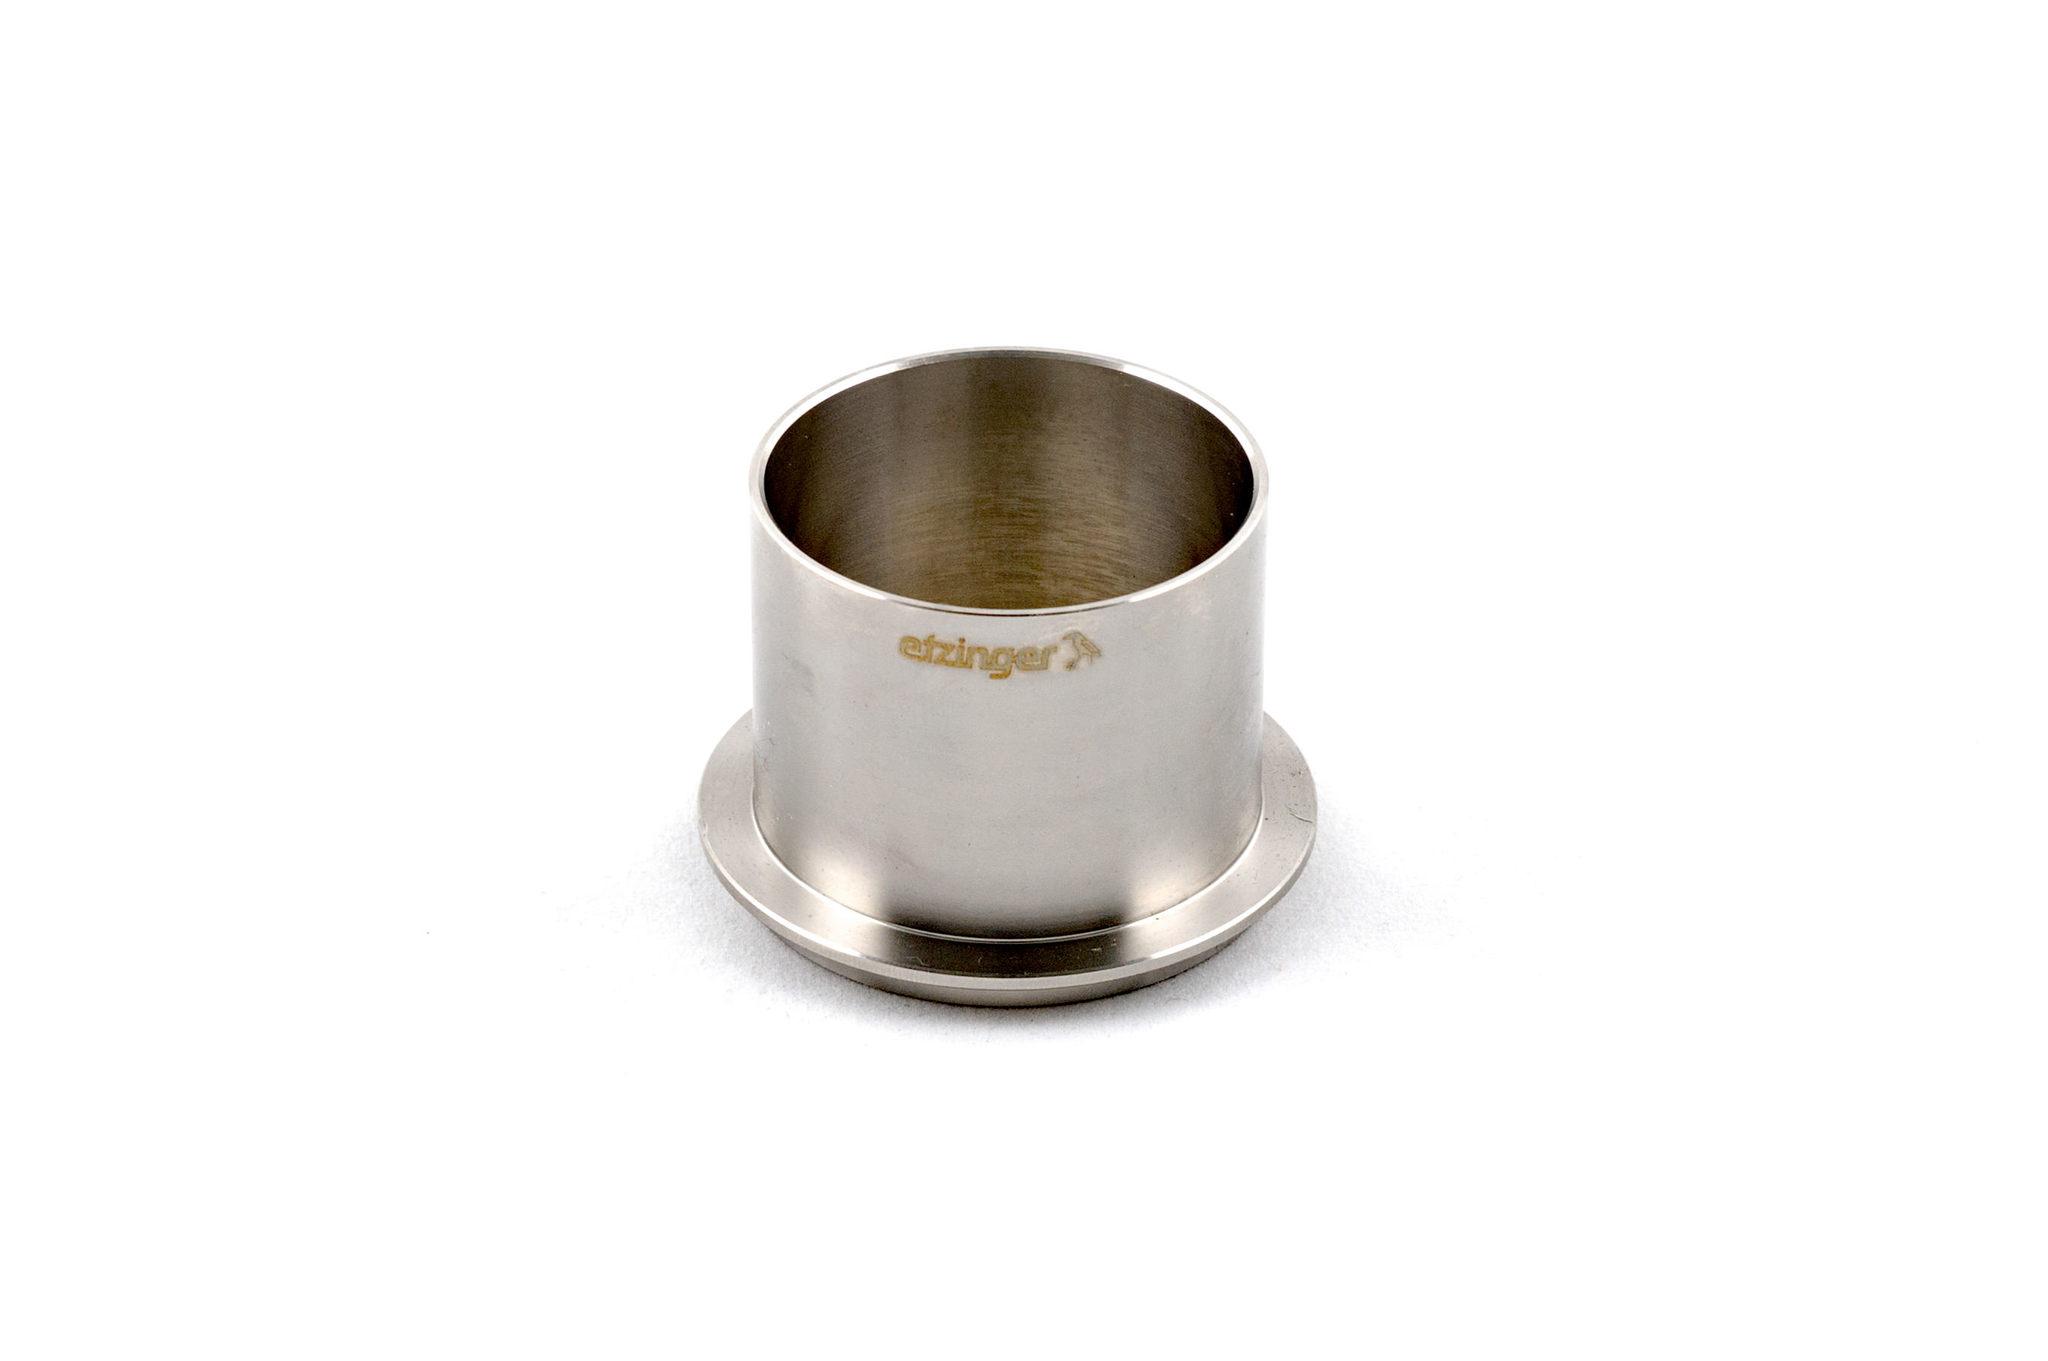 Etzinger Dosiertrichter (40 x 58mm)